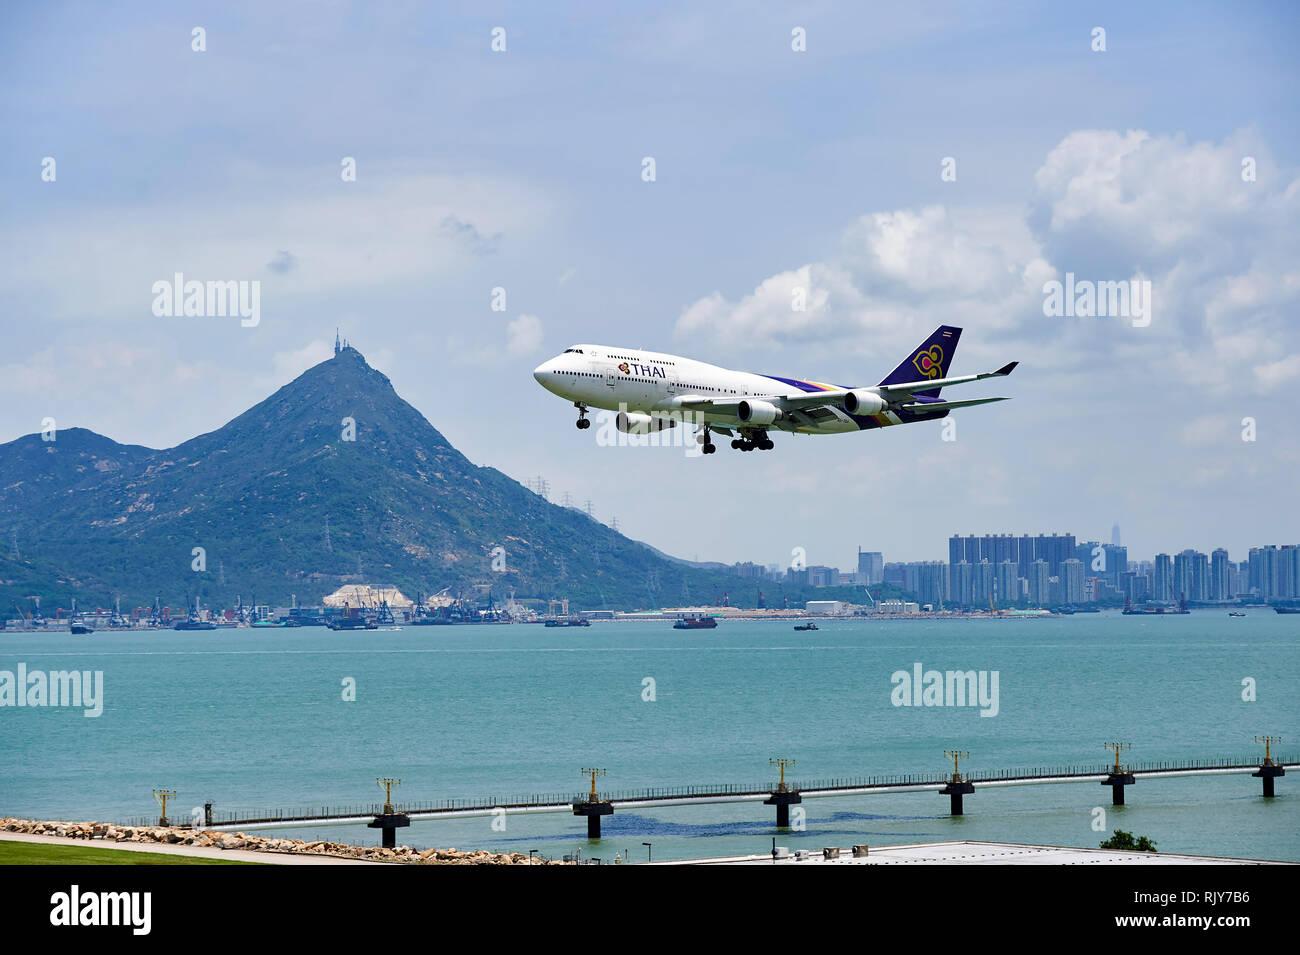 HONG KONG - JUNE 04, 2015: THAI aircraft landing at Hong Kong